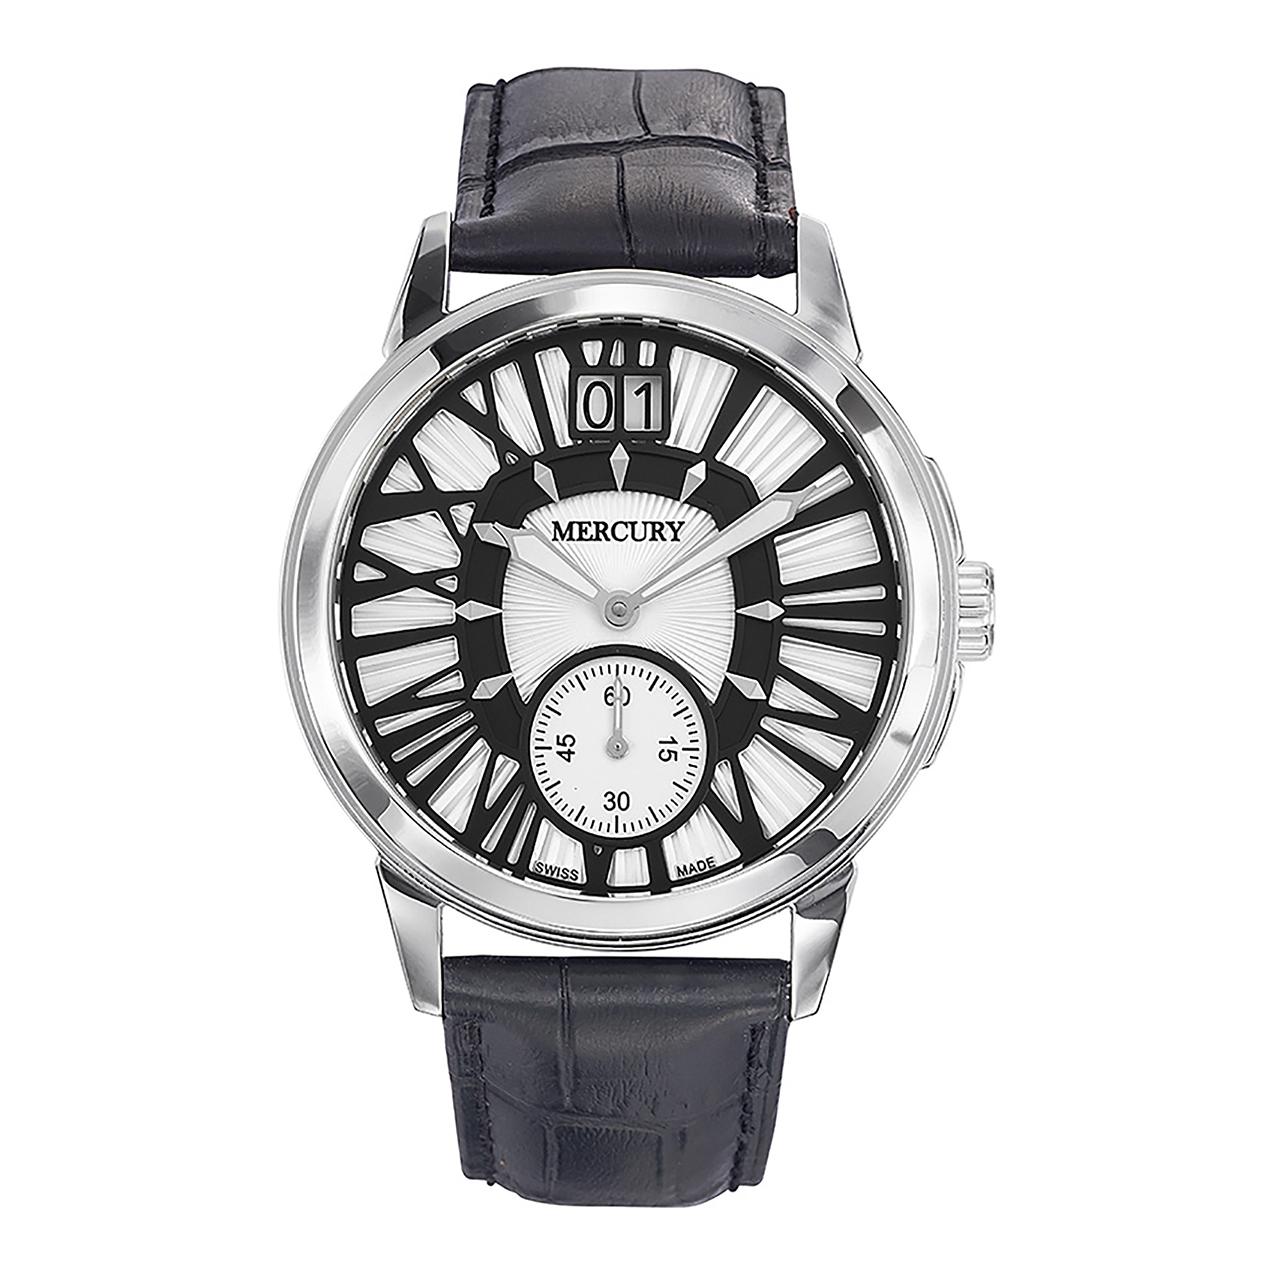 ساعت مچی عقربه ای مردانه مرکوری مدل ME325-SL-1